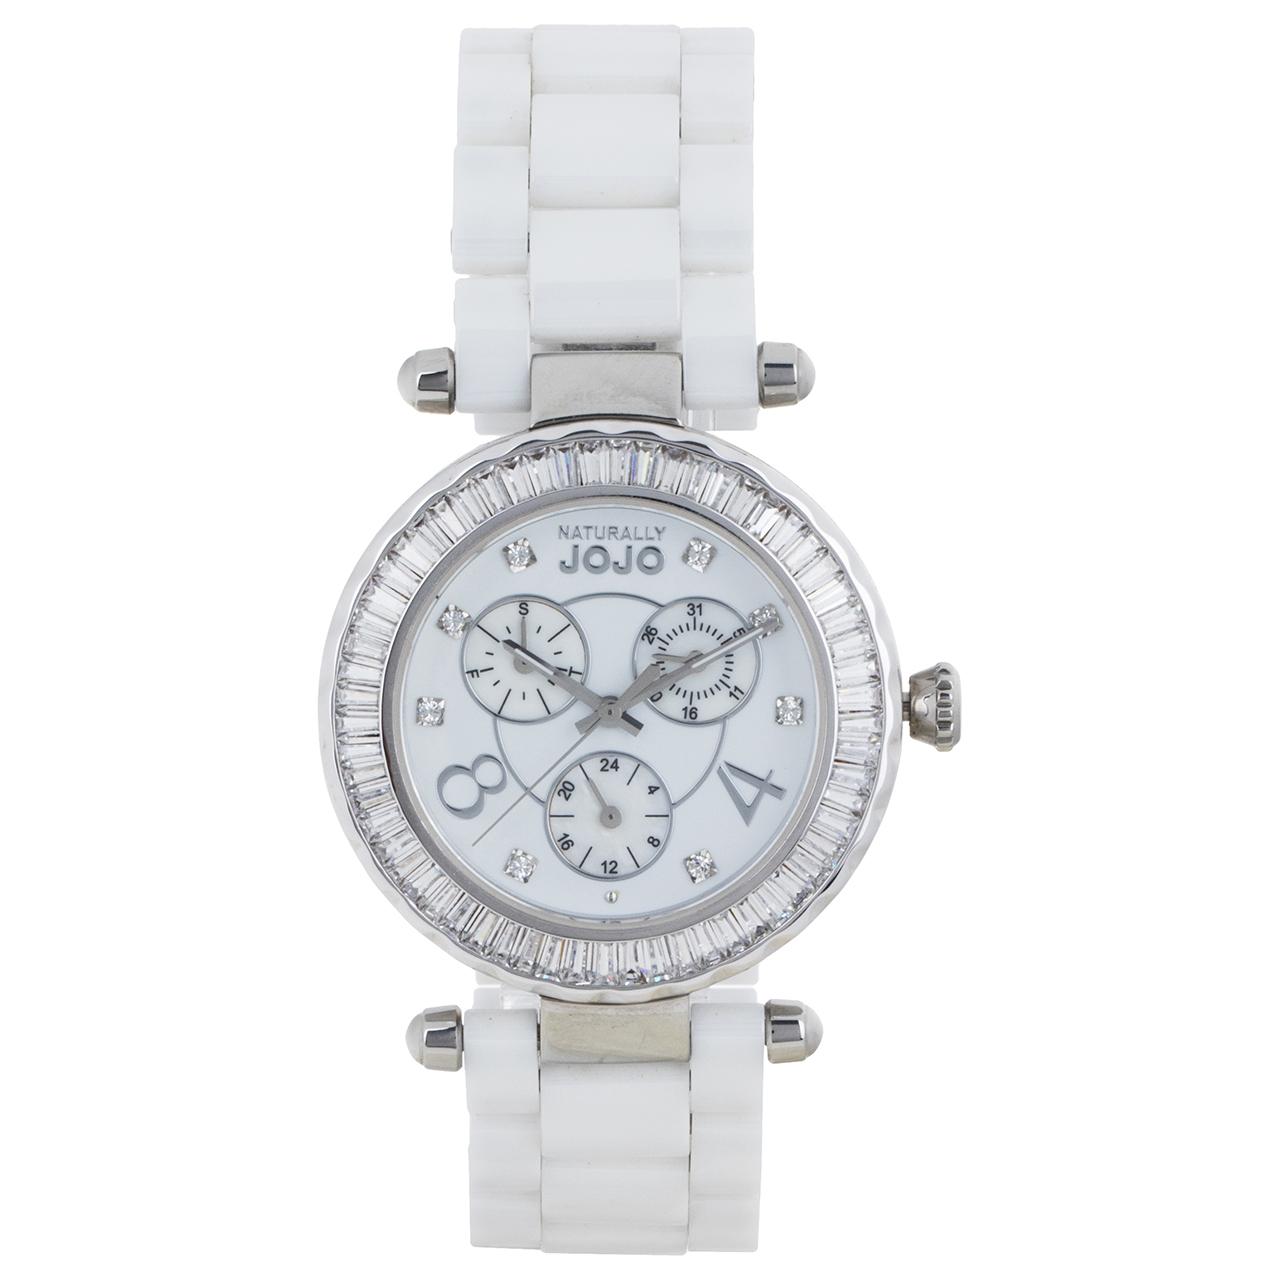 ساعت مچی عقربه ای زنانه نچرالی ژوژو مدل JO96680.80 25